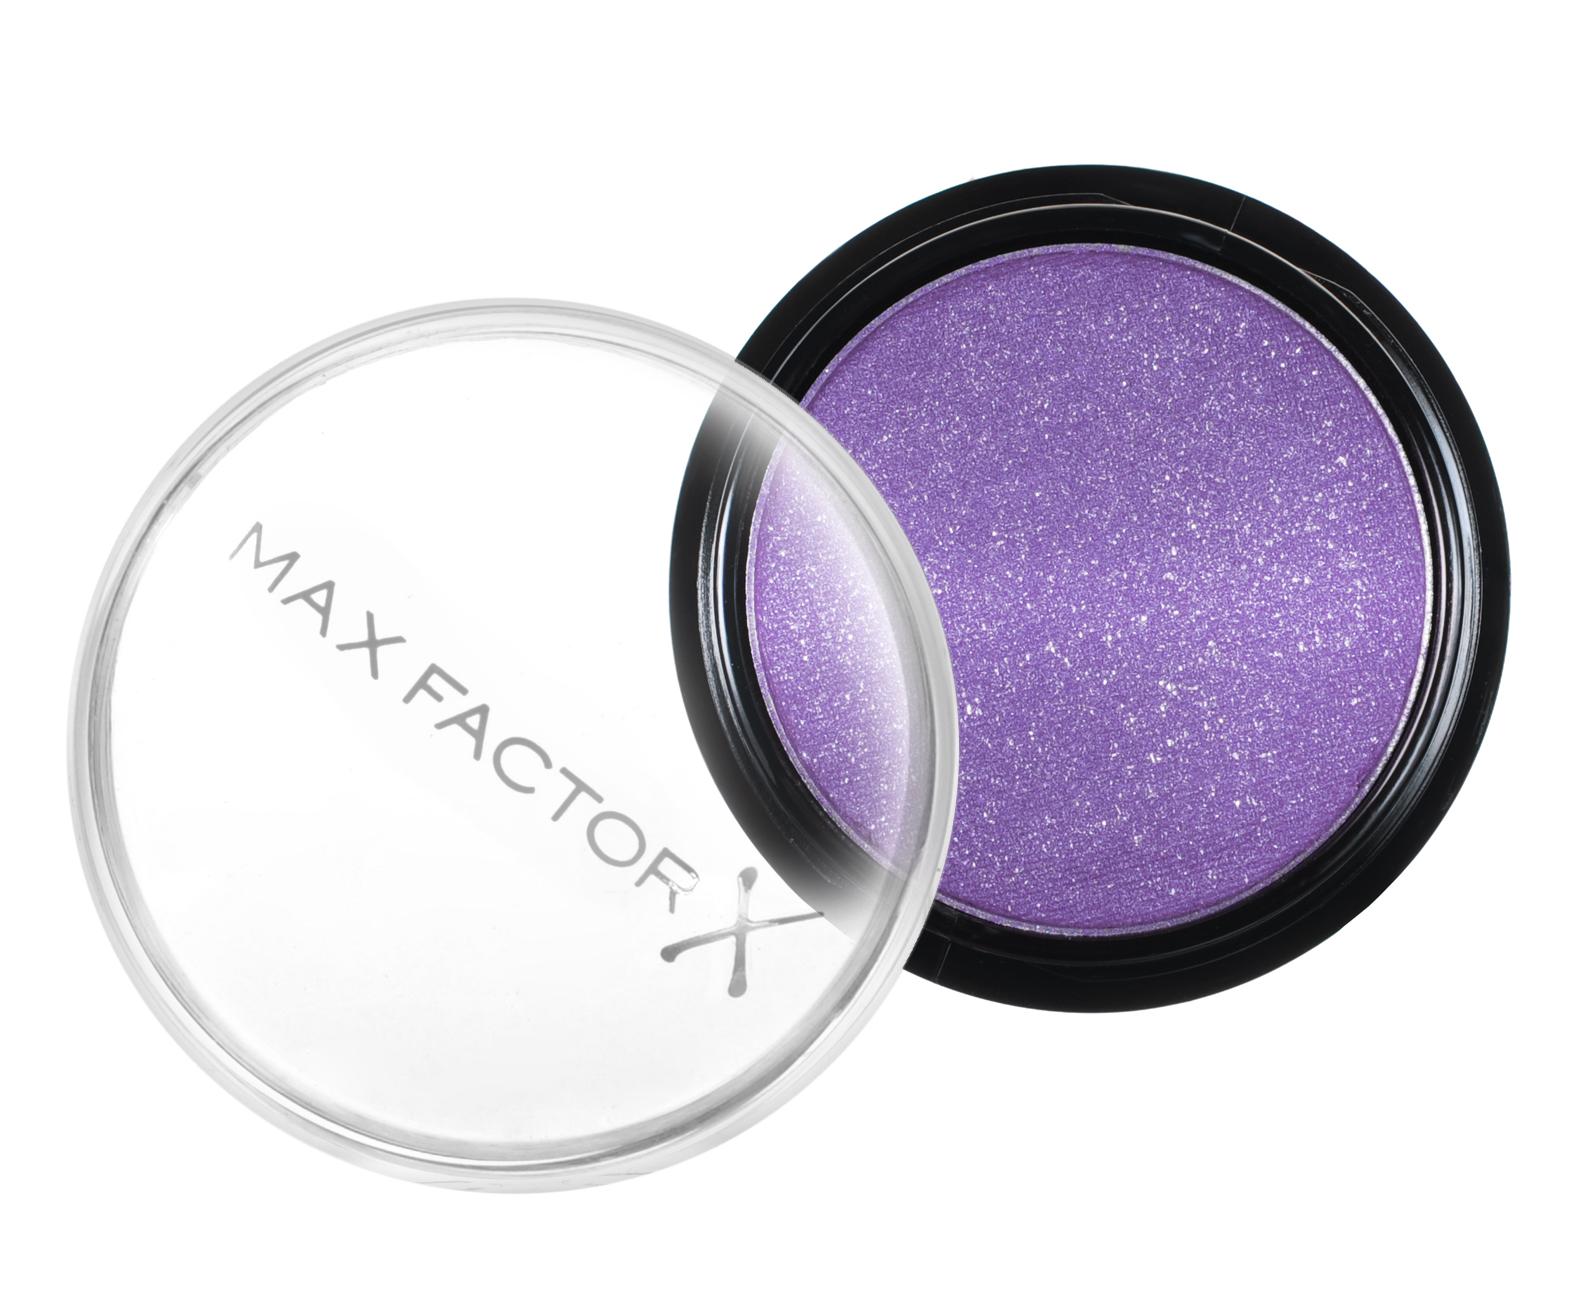 Max Factor Тени для век Wild Shadow Pots, тон №15 vicious purple, цвет: фиолетовый5010777139655Приготовься к диким экспериментам с цветом! Эти высокопигментные тени подарят тебе по-настоящему ошеломительный взгляд. - Высокопигментный цвет •16 ошеломительных насыщенных оттенков •Наноси влажной кисточкой для более интенсивного цвета •Легко растушевываются и смешиваются. Бесконечный простор для экспериментов!Протестировано офтальмологами и дерматологами. Подходит для чувствительных глаз и тех, кто носит контактные линзы.1. Нанеси немного теней на кисть руки специальной кисточкой перед тем как начать. 2. Всегда наноси тени понемногу и растушевывай очень тщательно. 3. Наноси светлый оттенок от ресниц до бровей, средний - на сгиб и внешний уголок глаза. 4. Для более интенсивного цвета немного улажни кисточку.